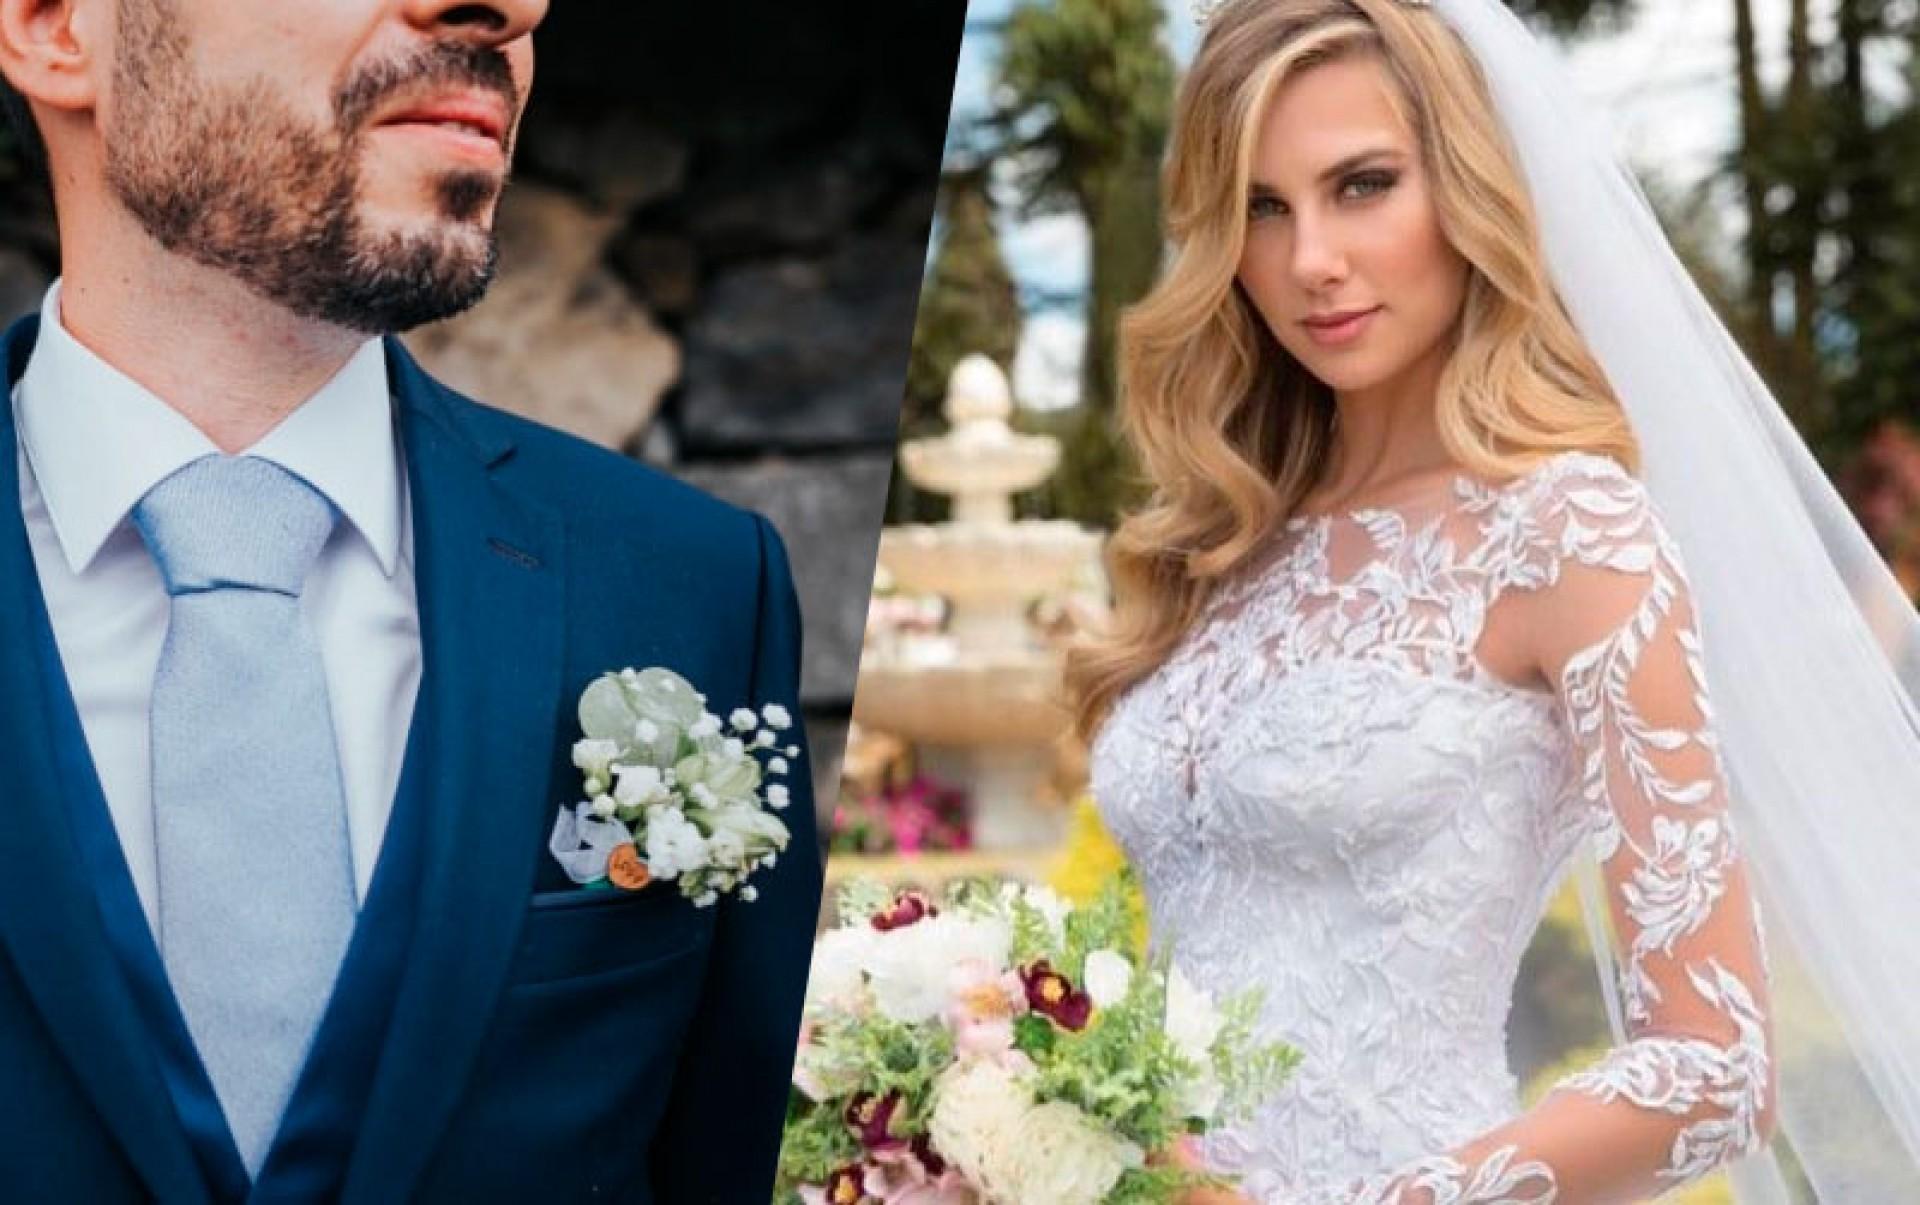 O Clássico: Vestidos de noiva com renda e lapela do noivo